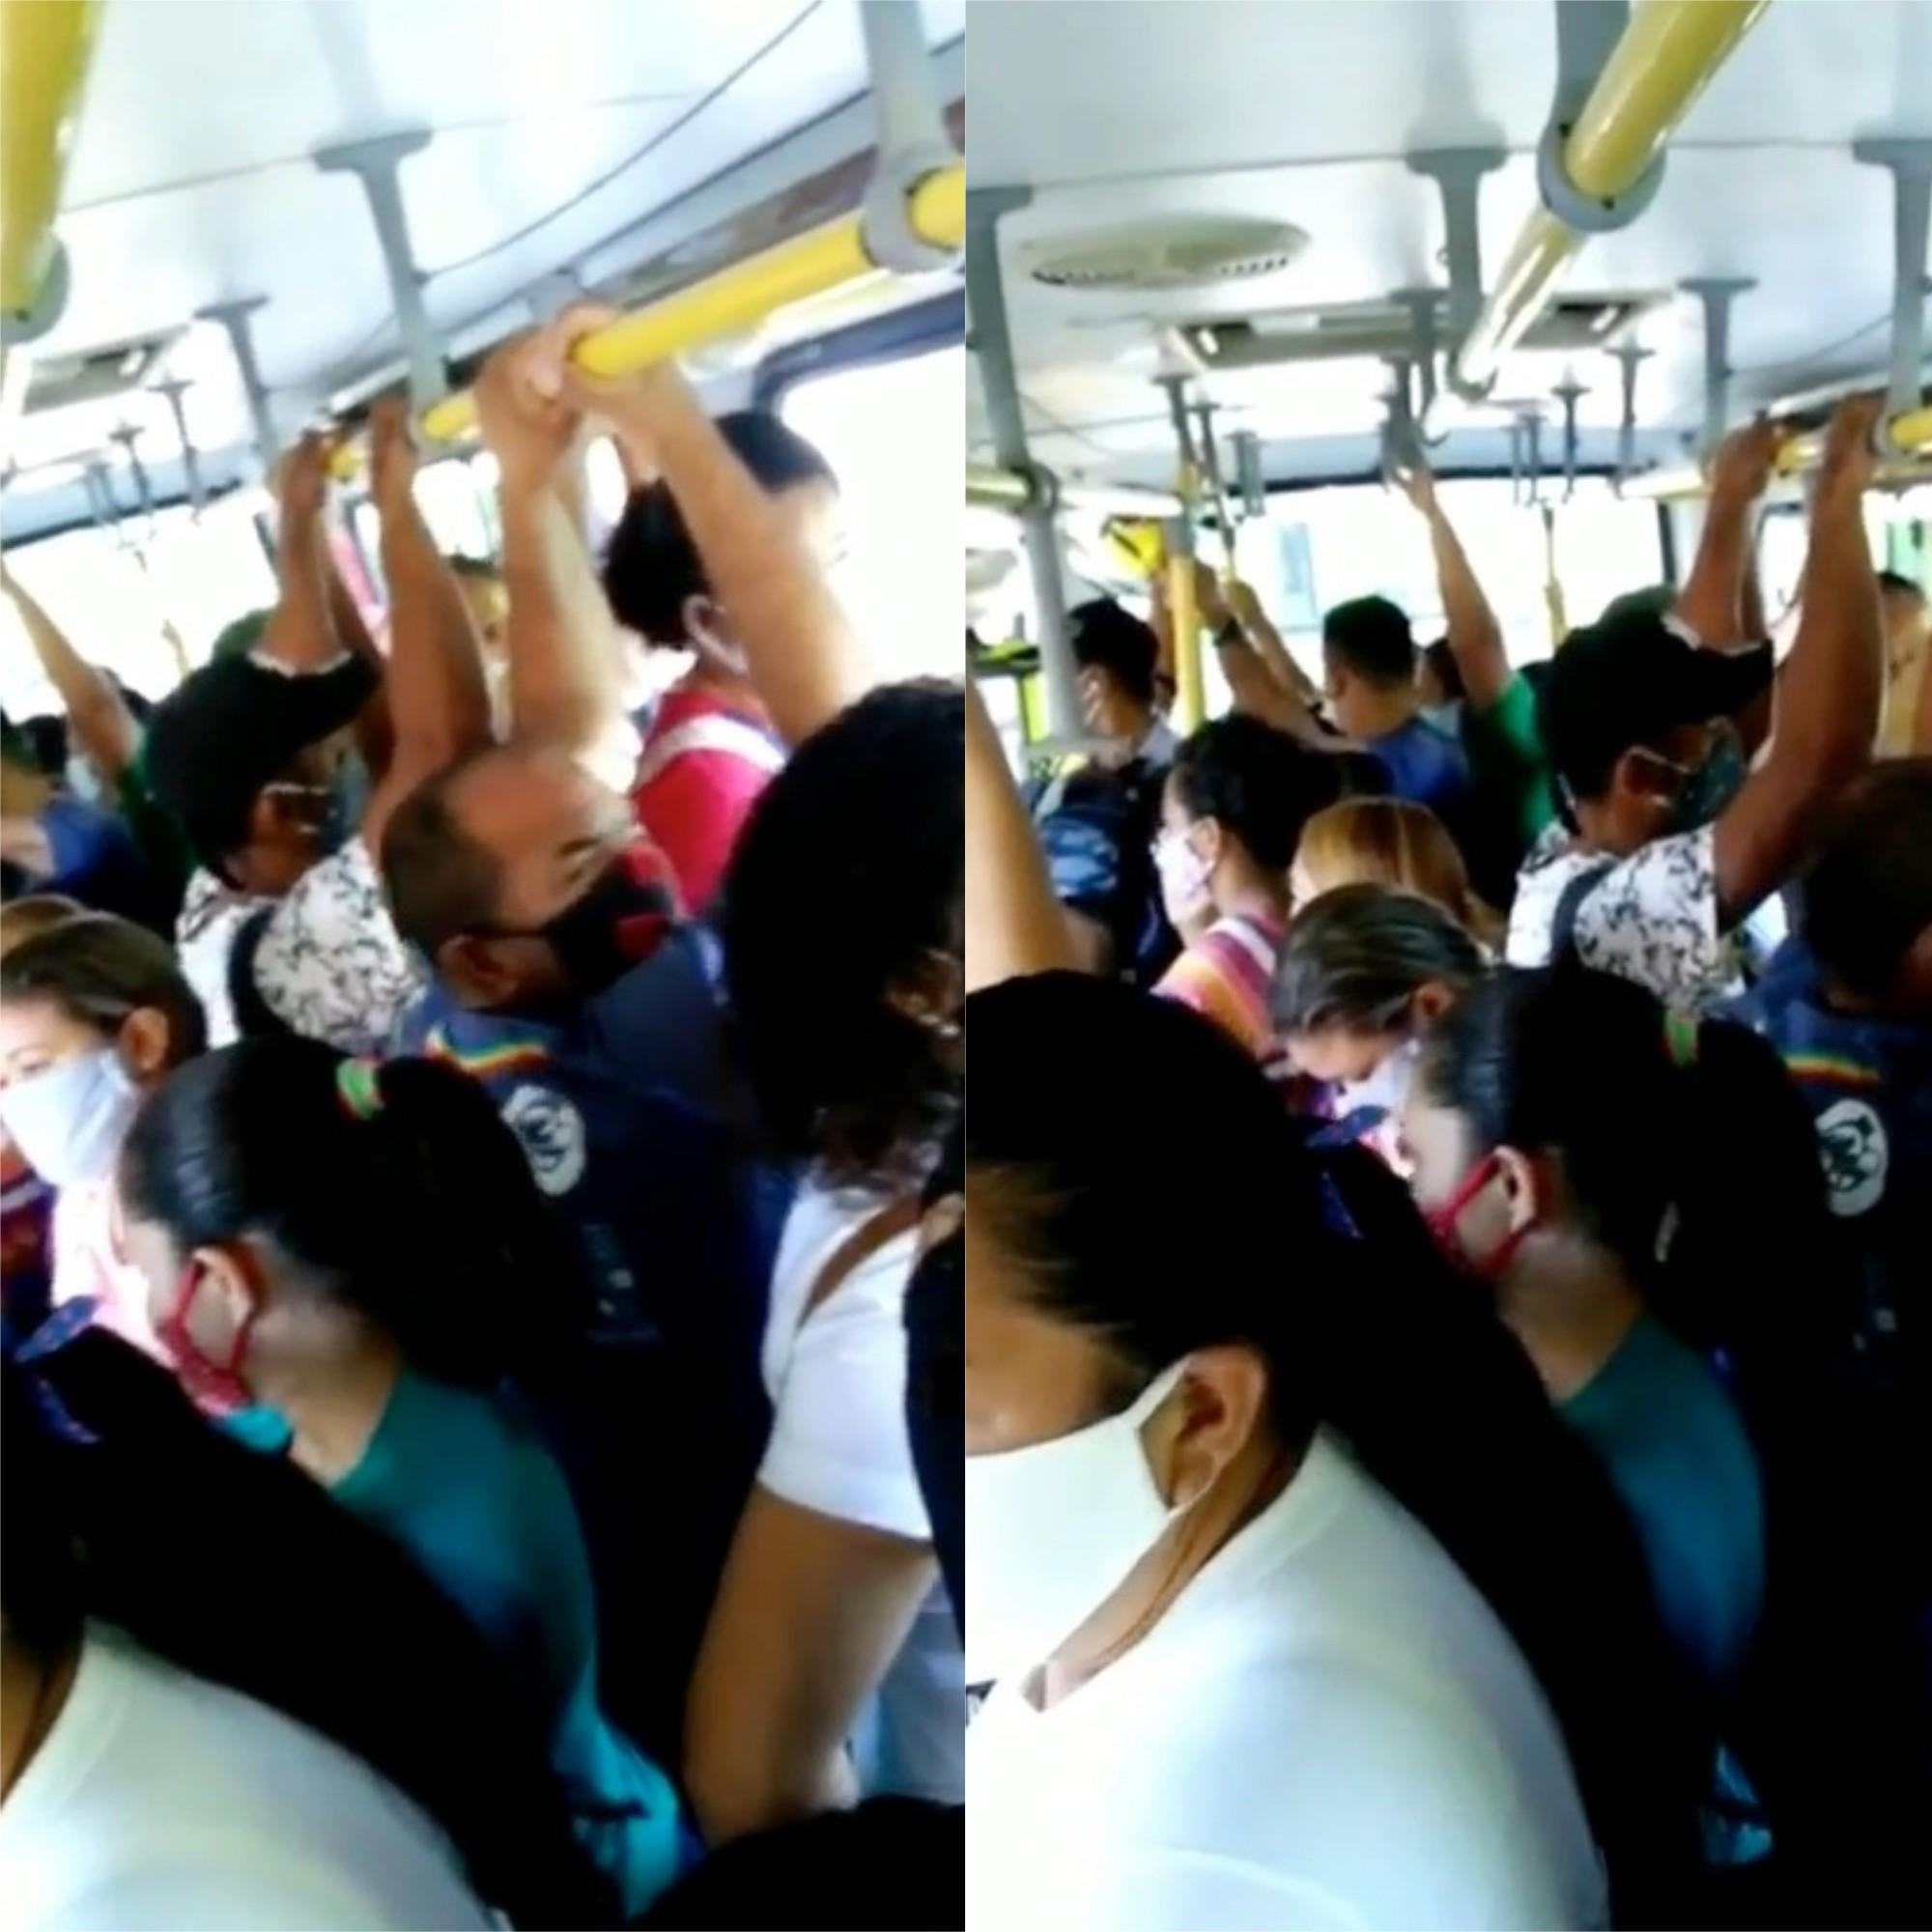 Passageiros denunciam lotação em ônibus durante pandemia em Teresina; vídeo